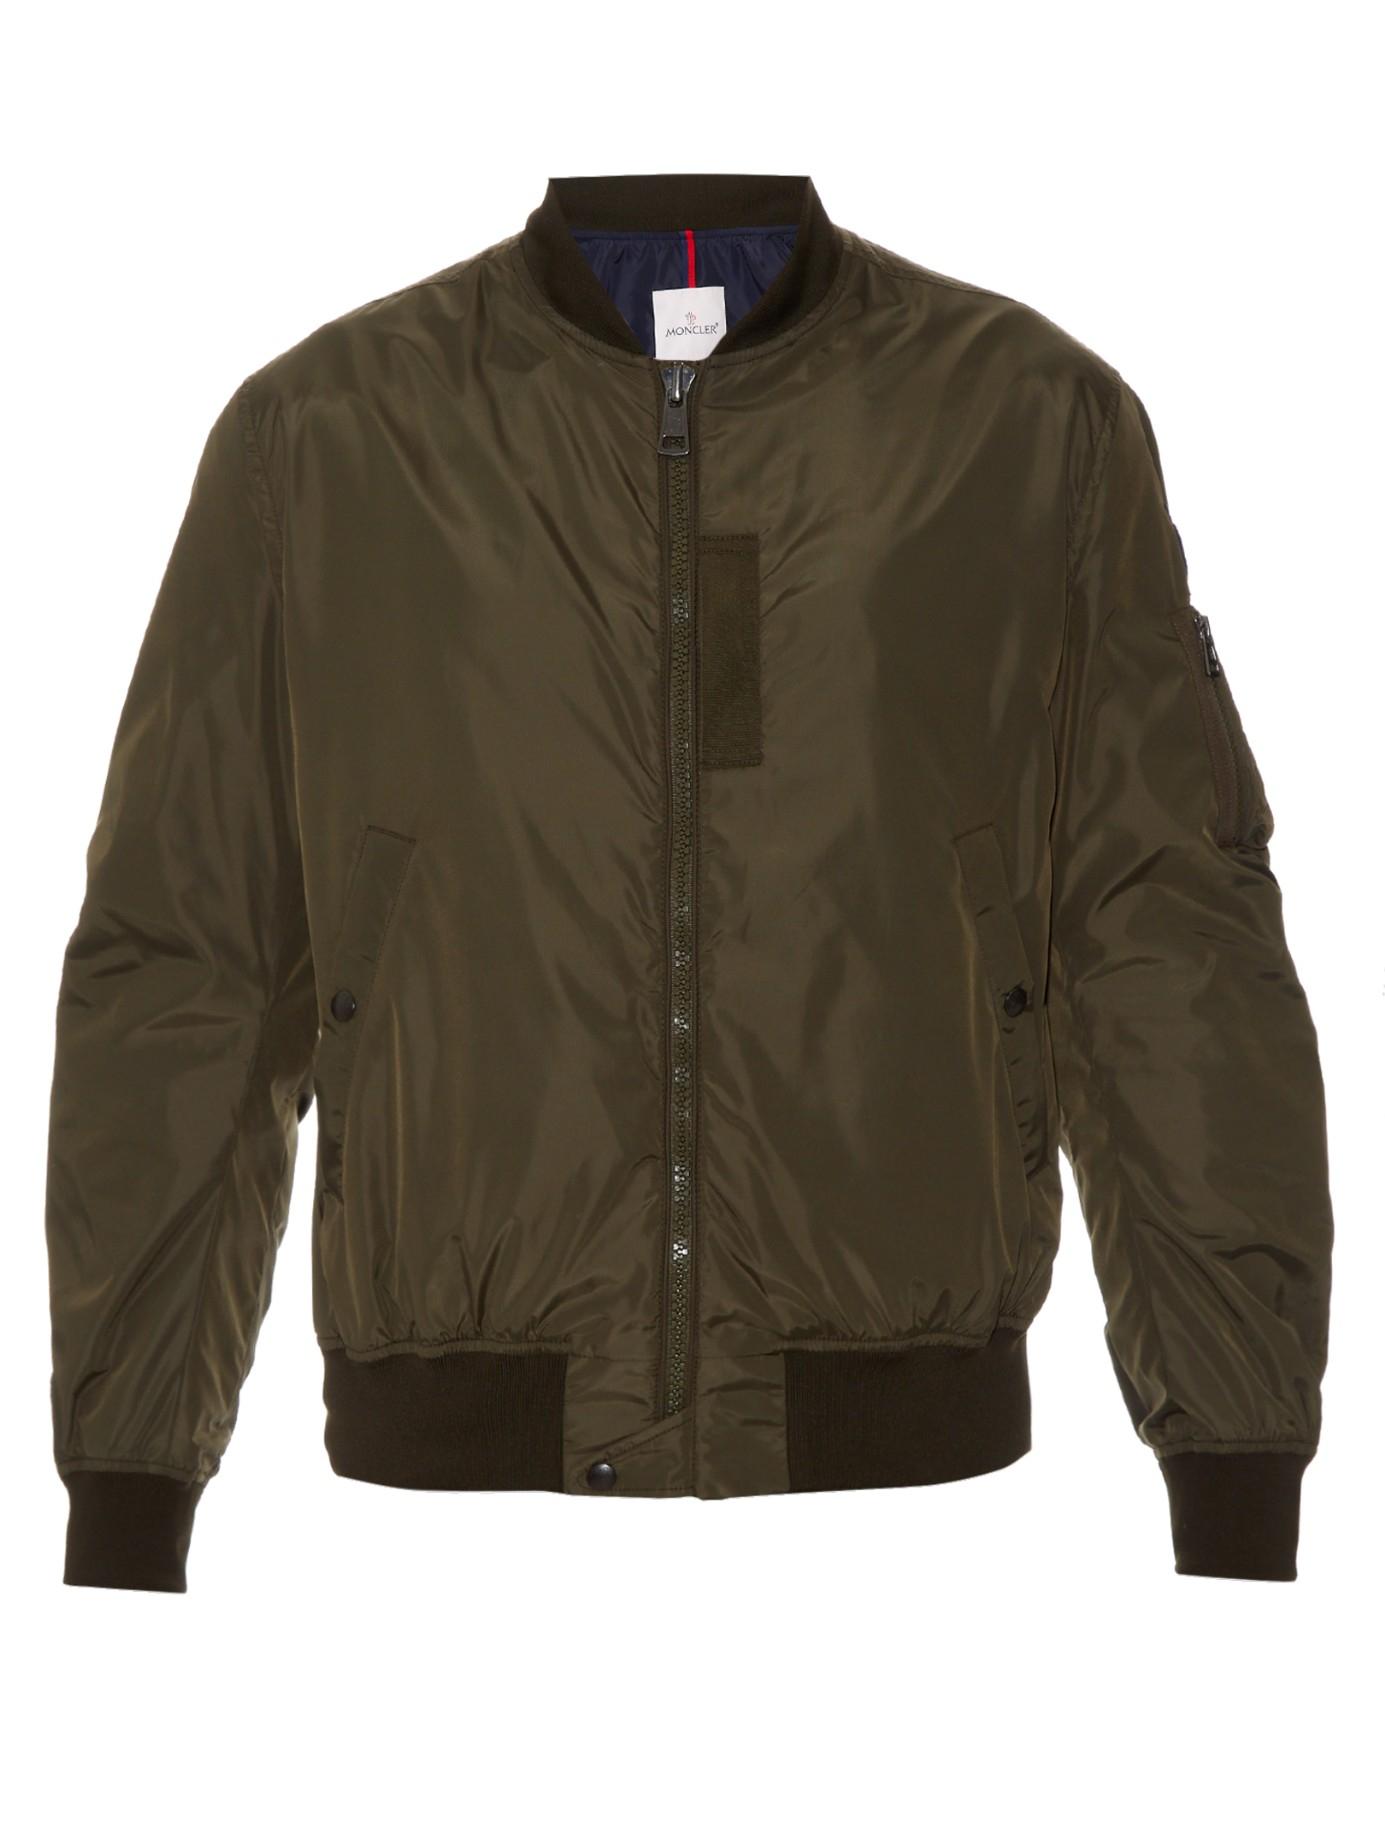 moncler olive green jacket